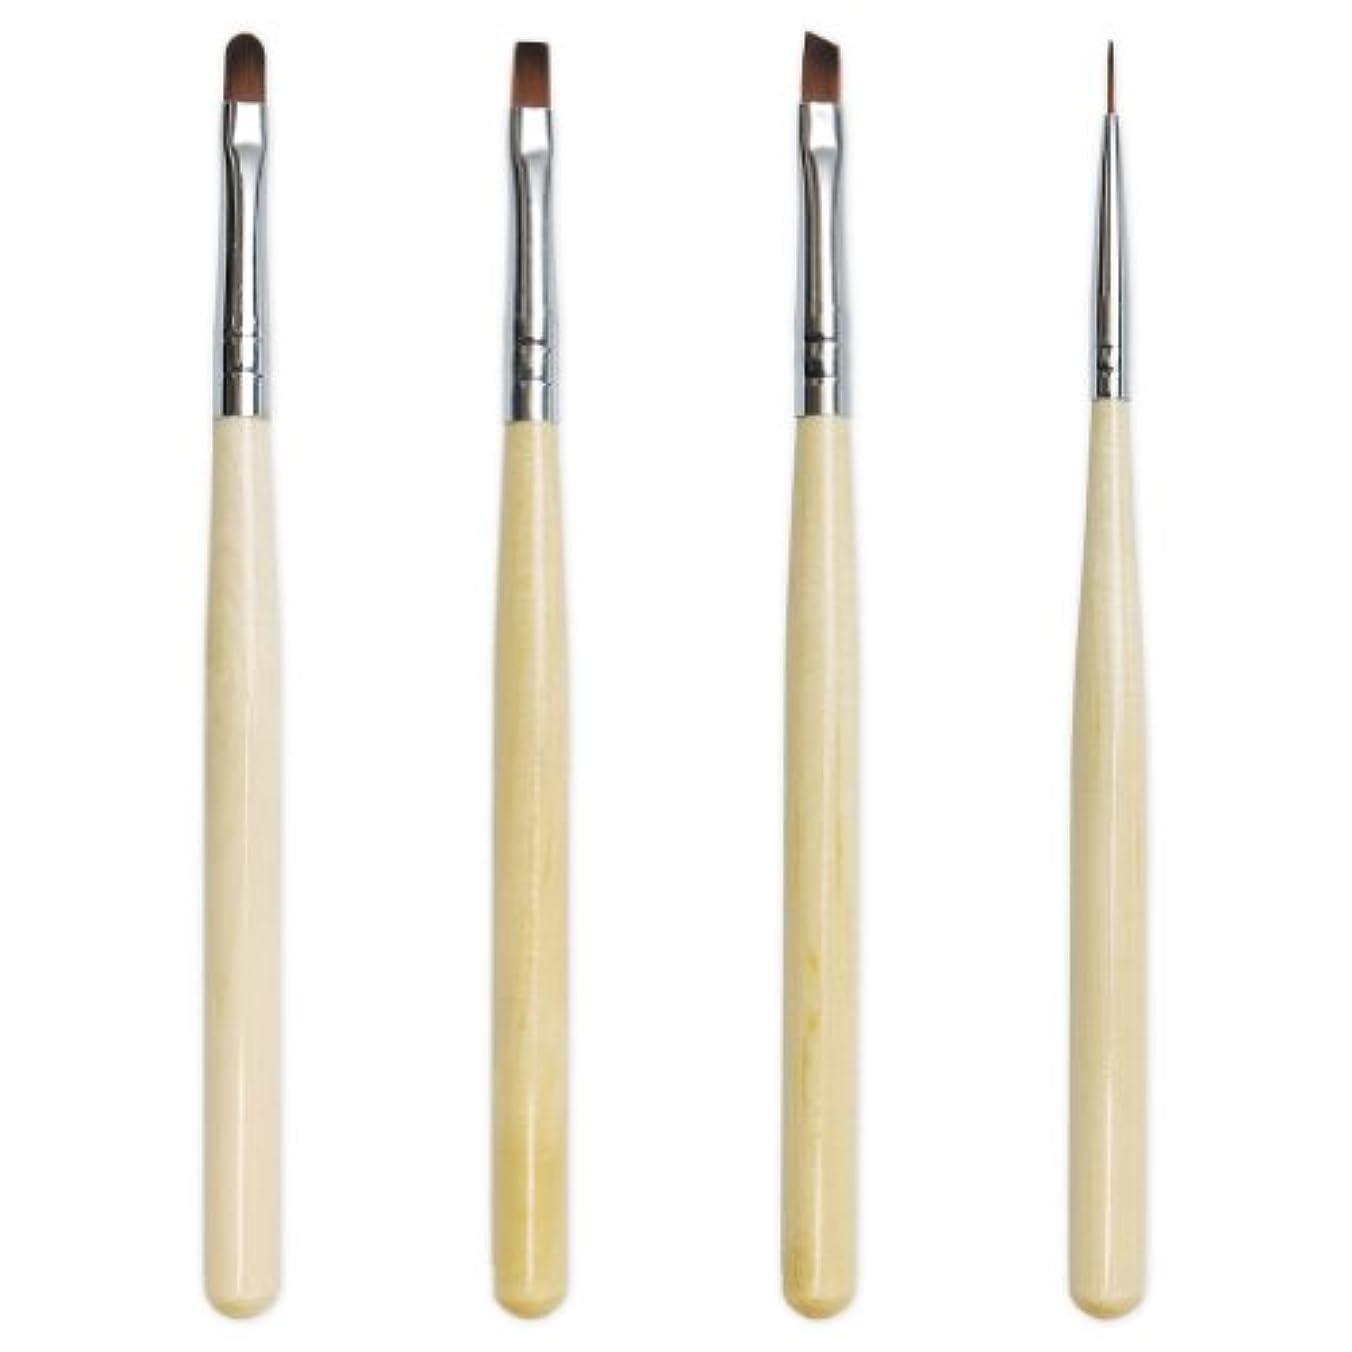 熱狂的な任意形状ジェルネイル《使い勝手の良い木目ブラシ》GEL BRUSH SET ジェルブラシセット(4種類パック)